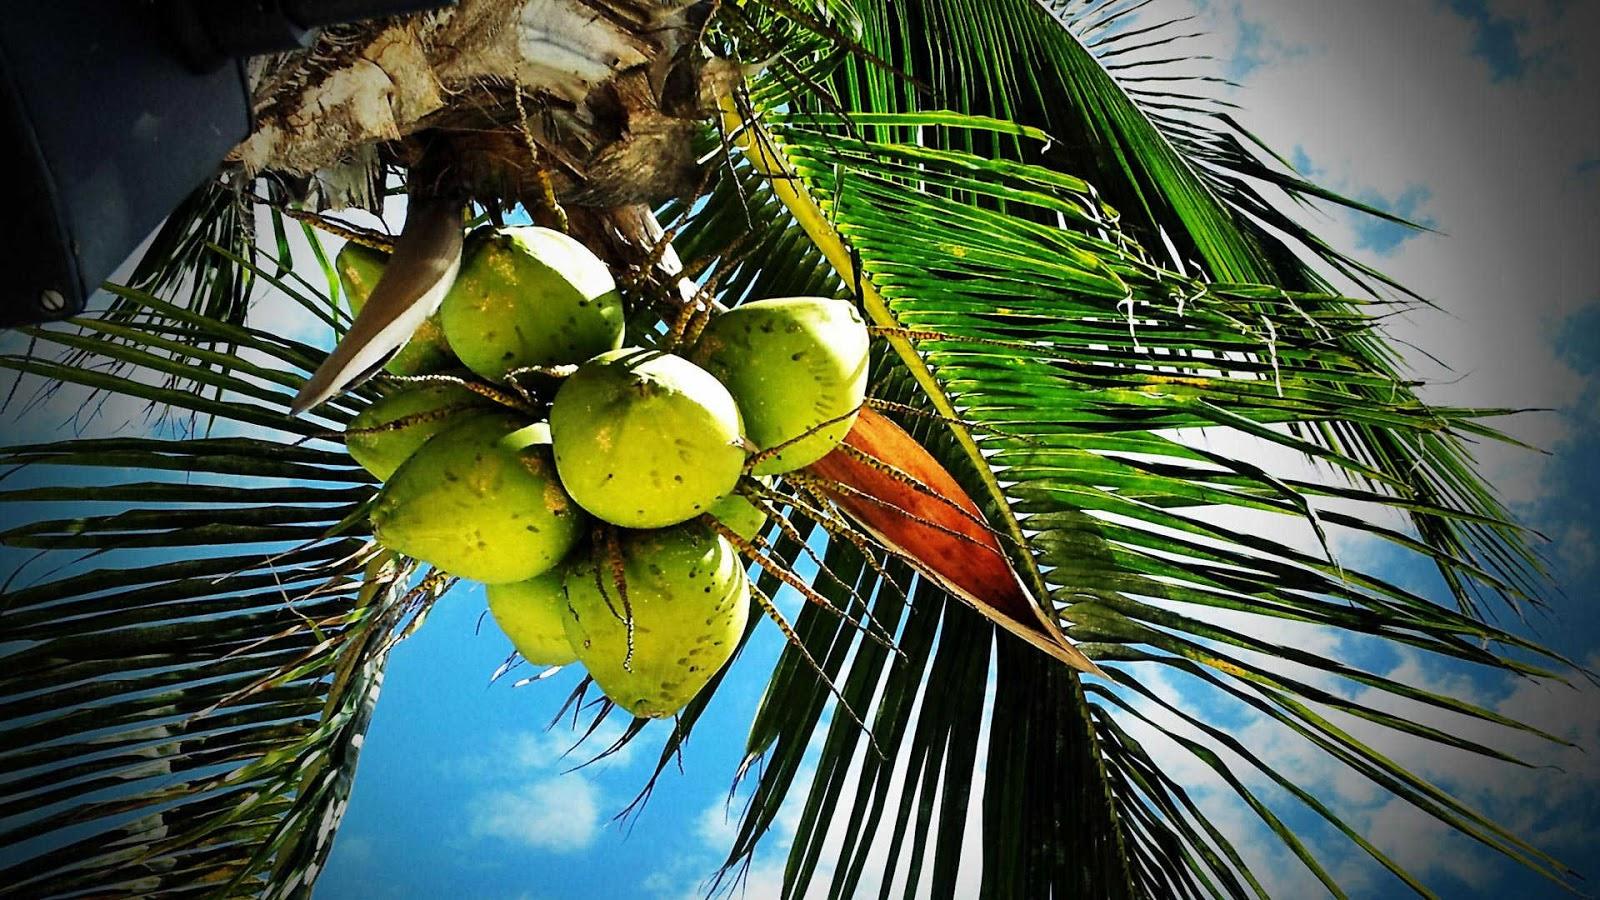 paling populer 11 gambar buah kelapa